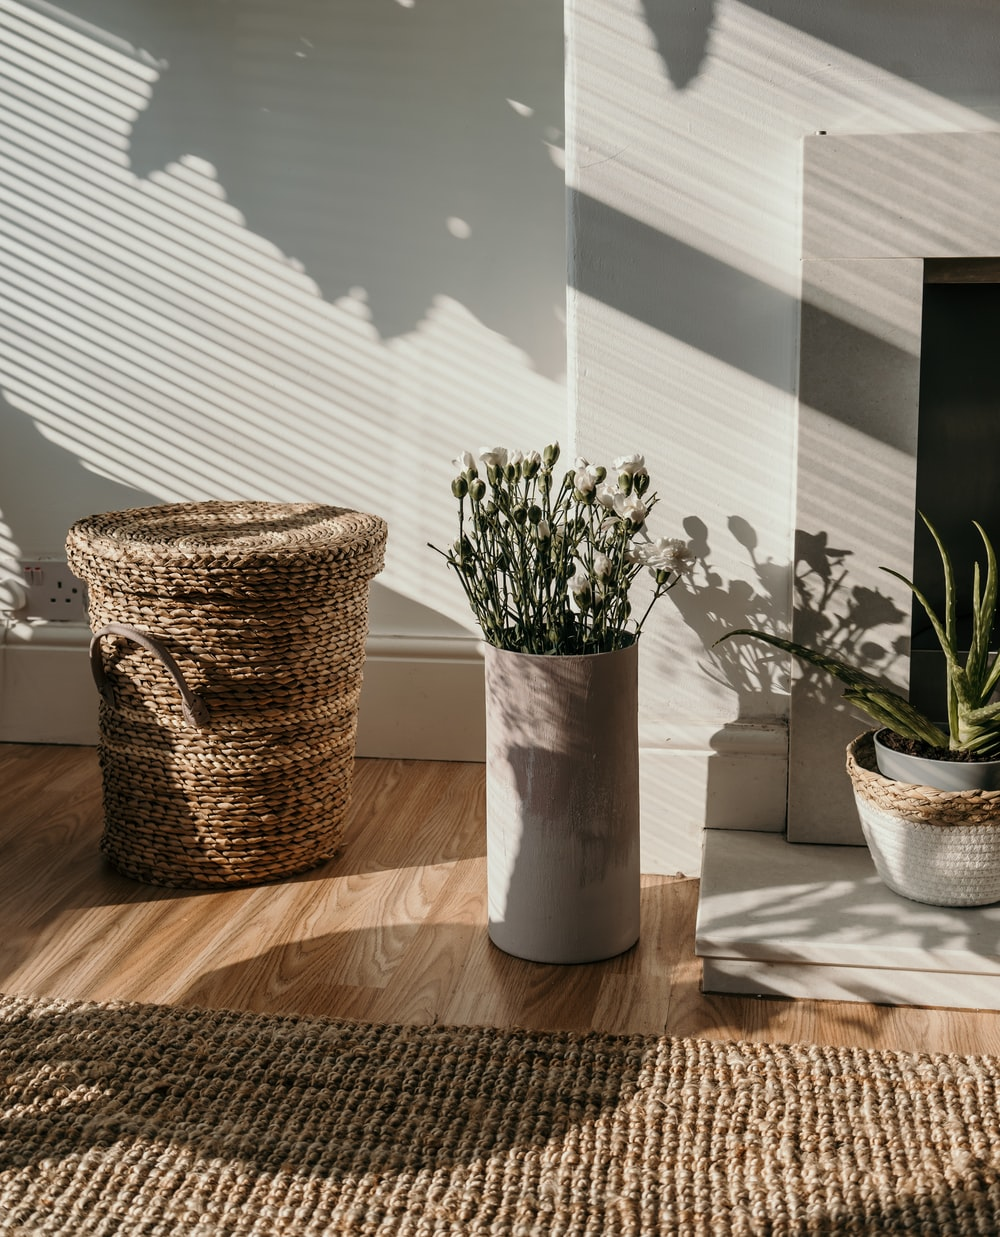 green plant in white ceramic vase